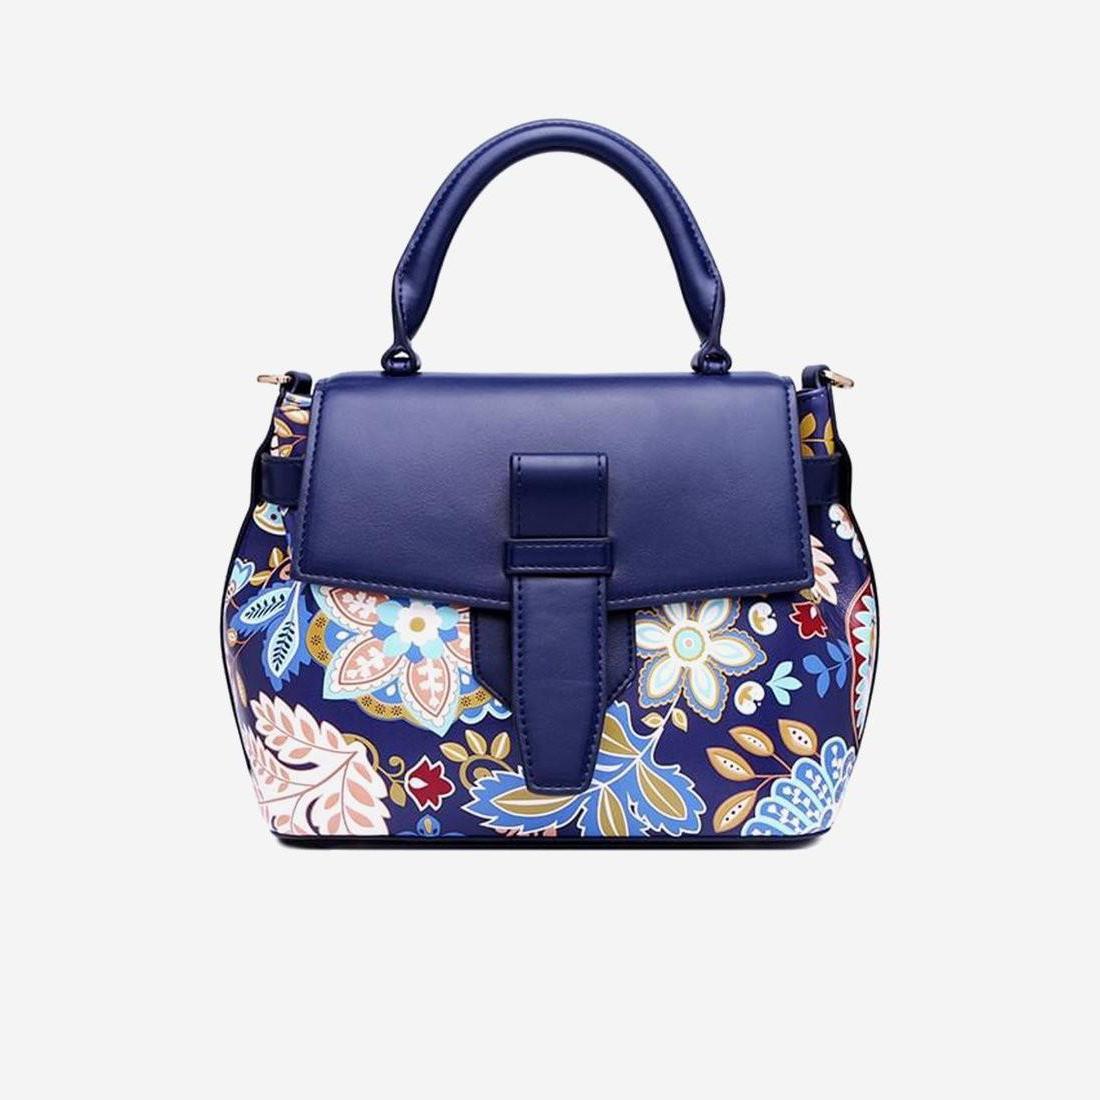 Túi xách nữ Venuco Madrid G01S285 xanh navy